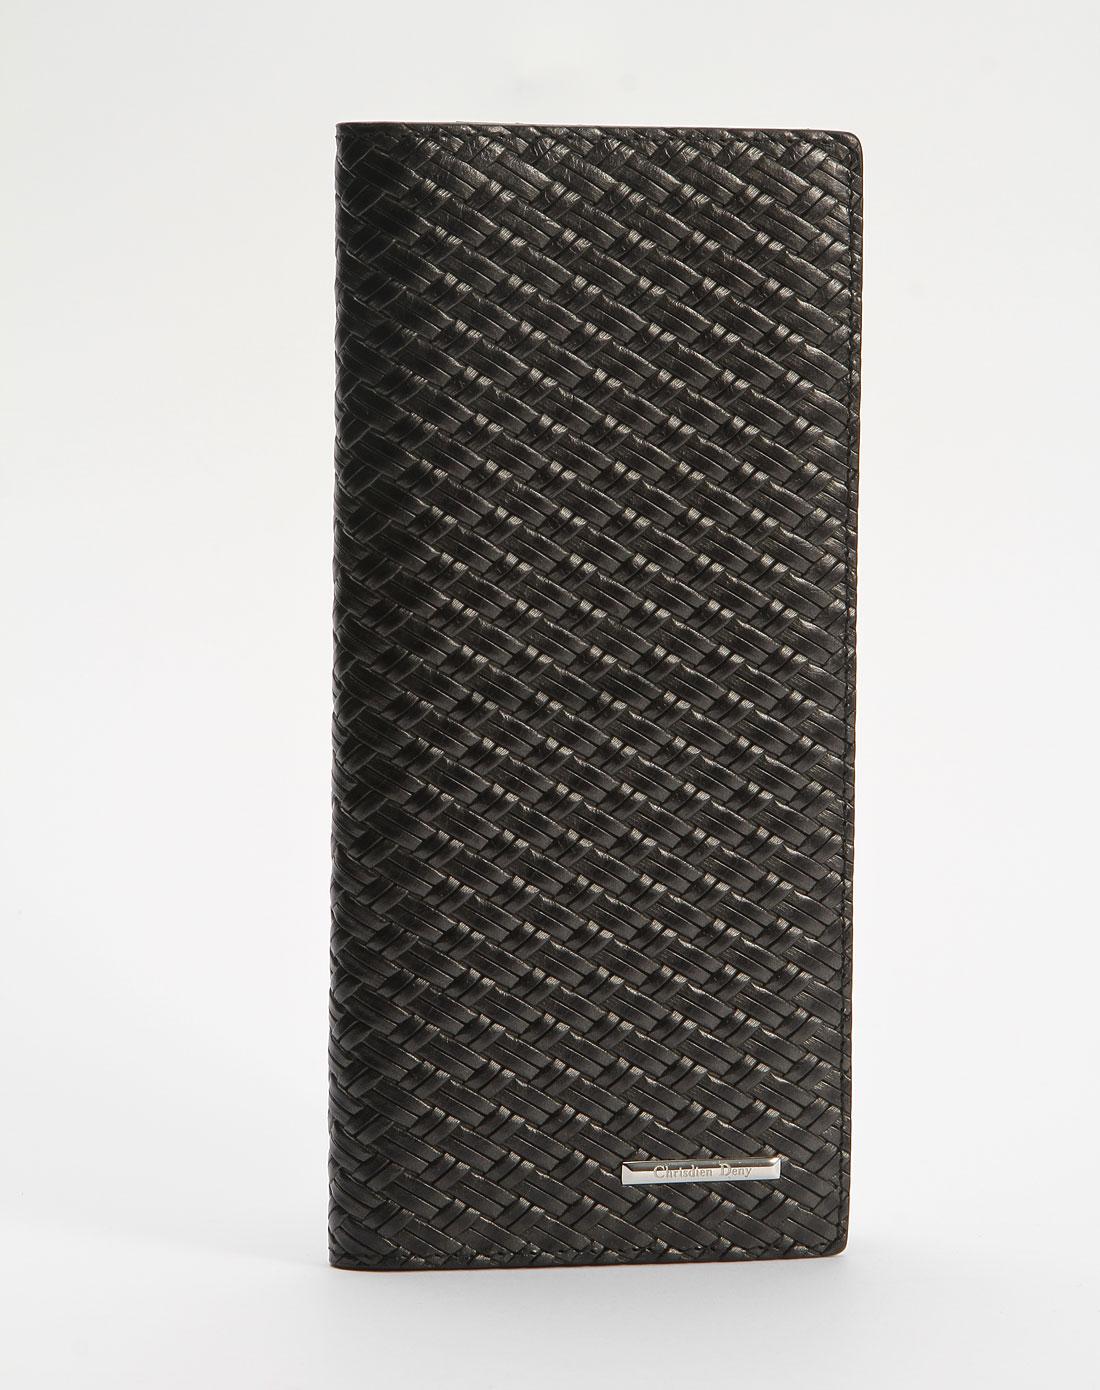 黑色编织纹长款钱包